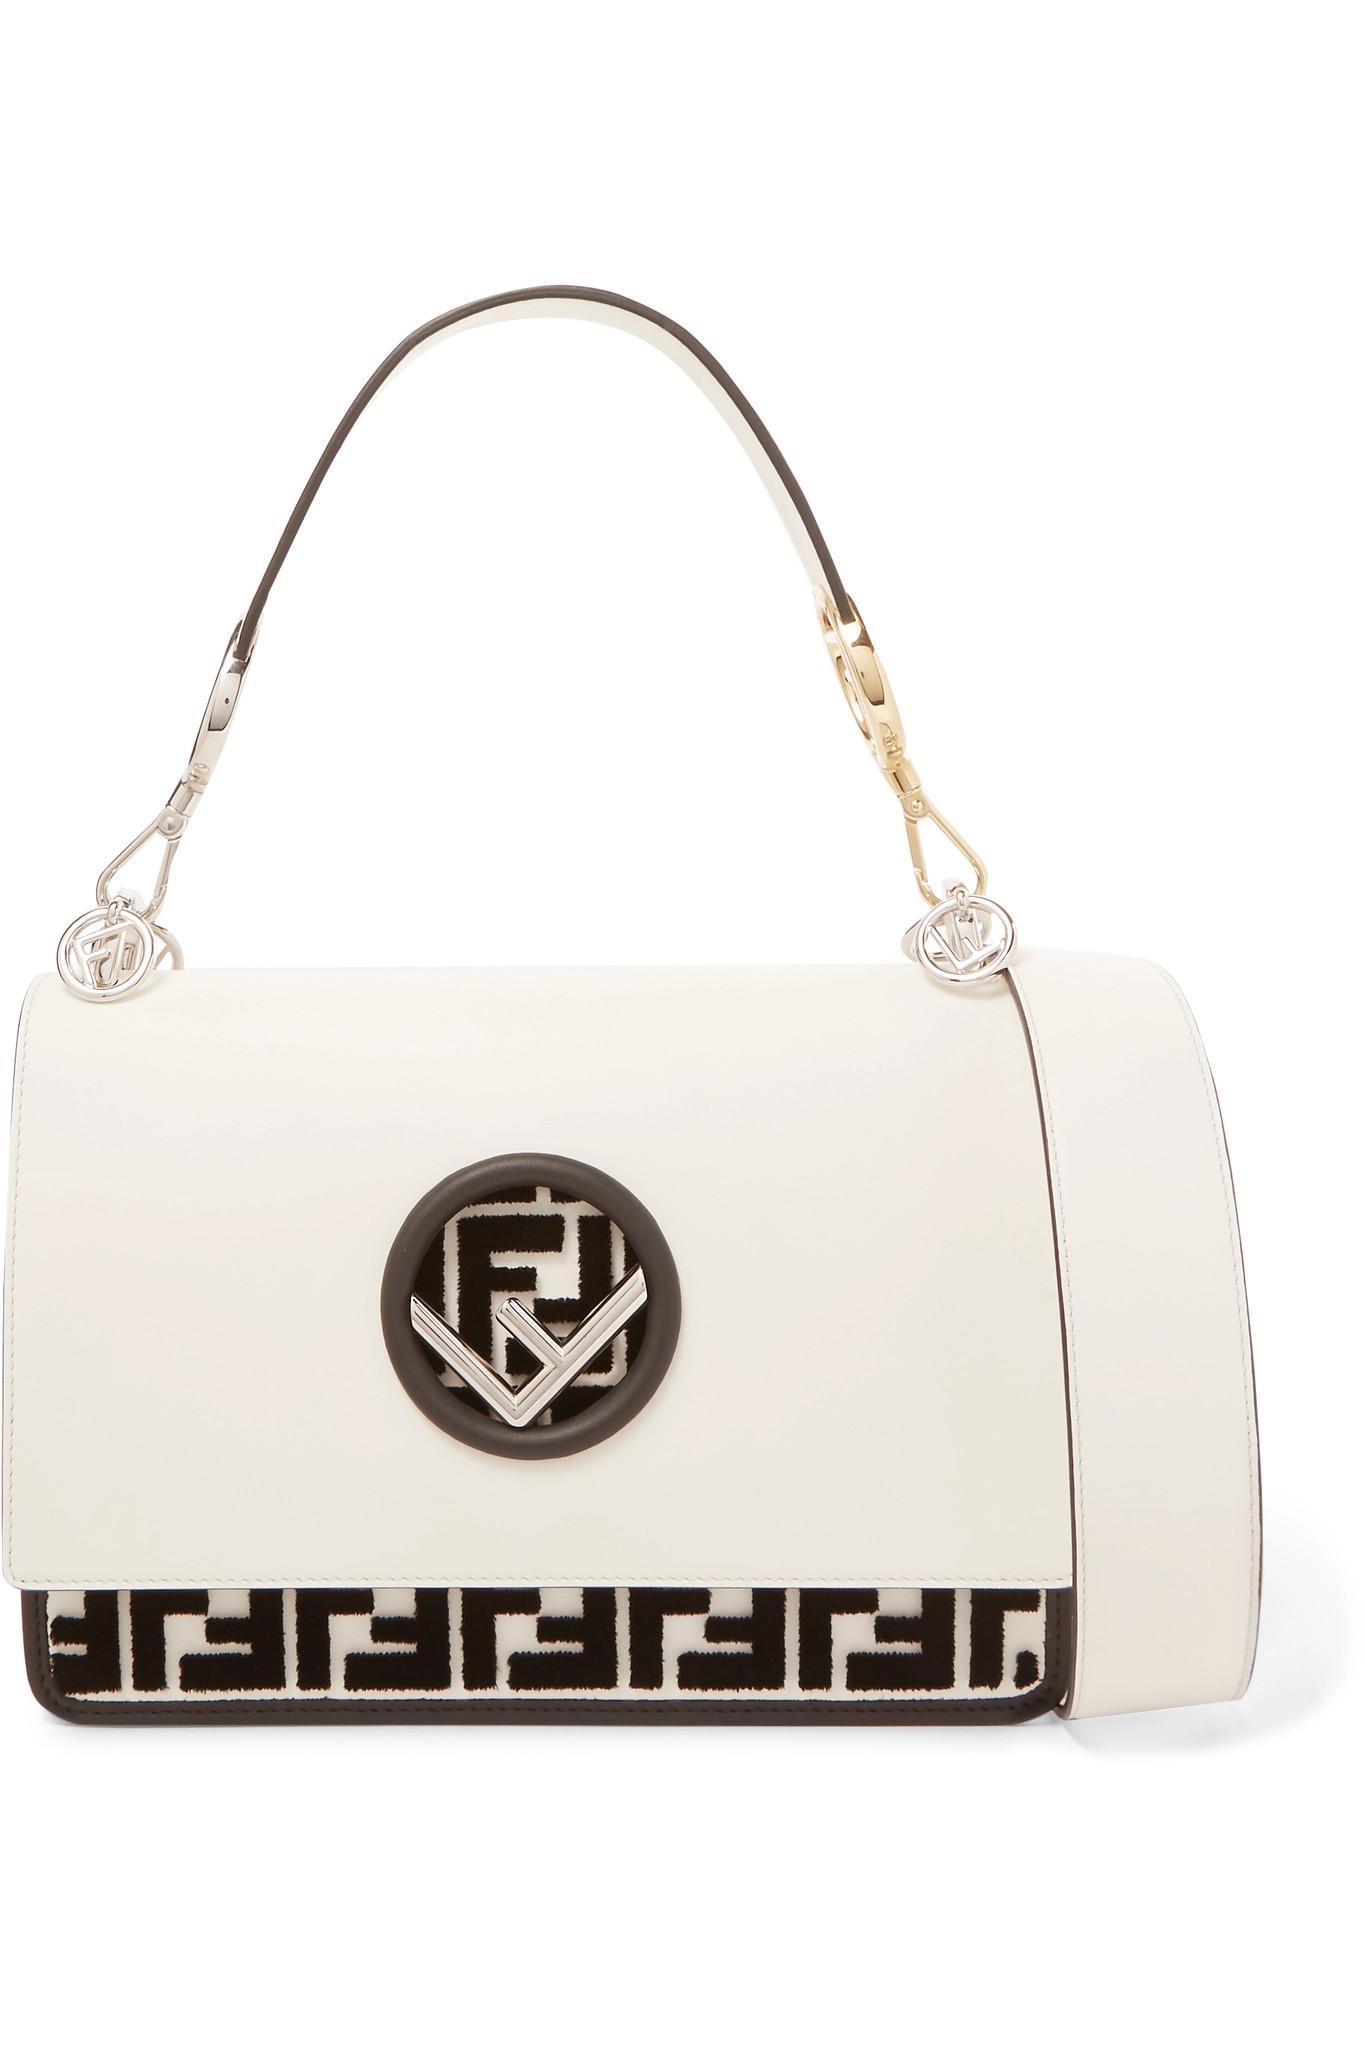 713705e55b9 Fendi Kan I Flocked Leather Shoulder Bag in White - Lyst